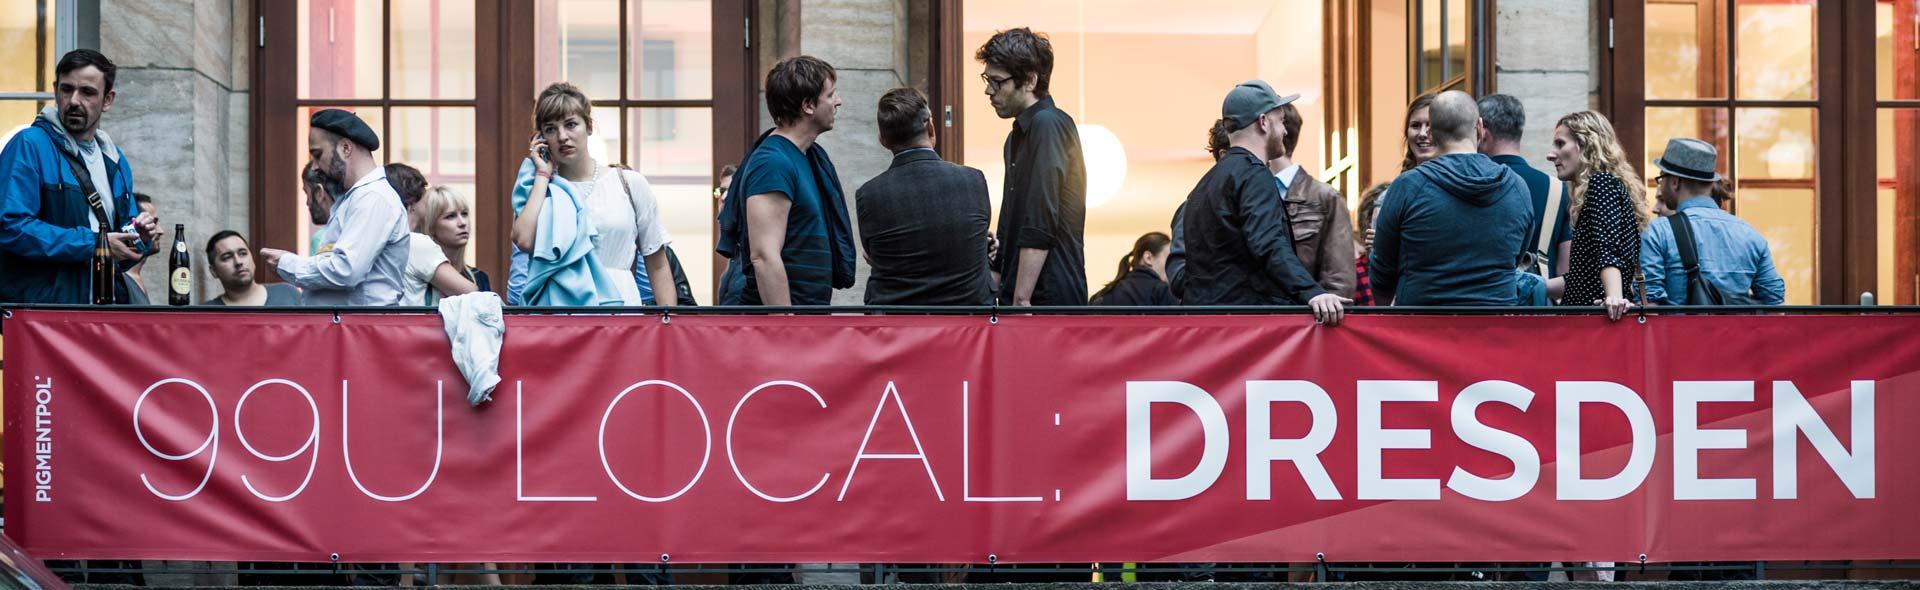 Dresdner Kreative treffen sich zum Netzwerken in der TU Dresden. So ist die 99U Local in Dresden von CROMATICS. Ein typischer Relationship Playground.